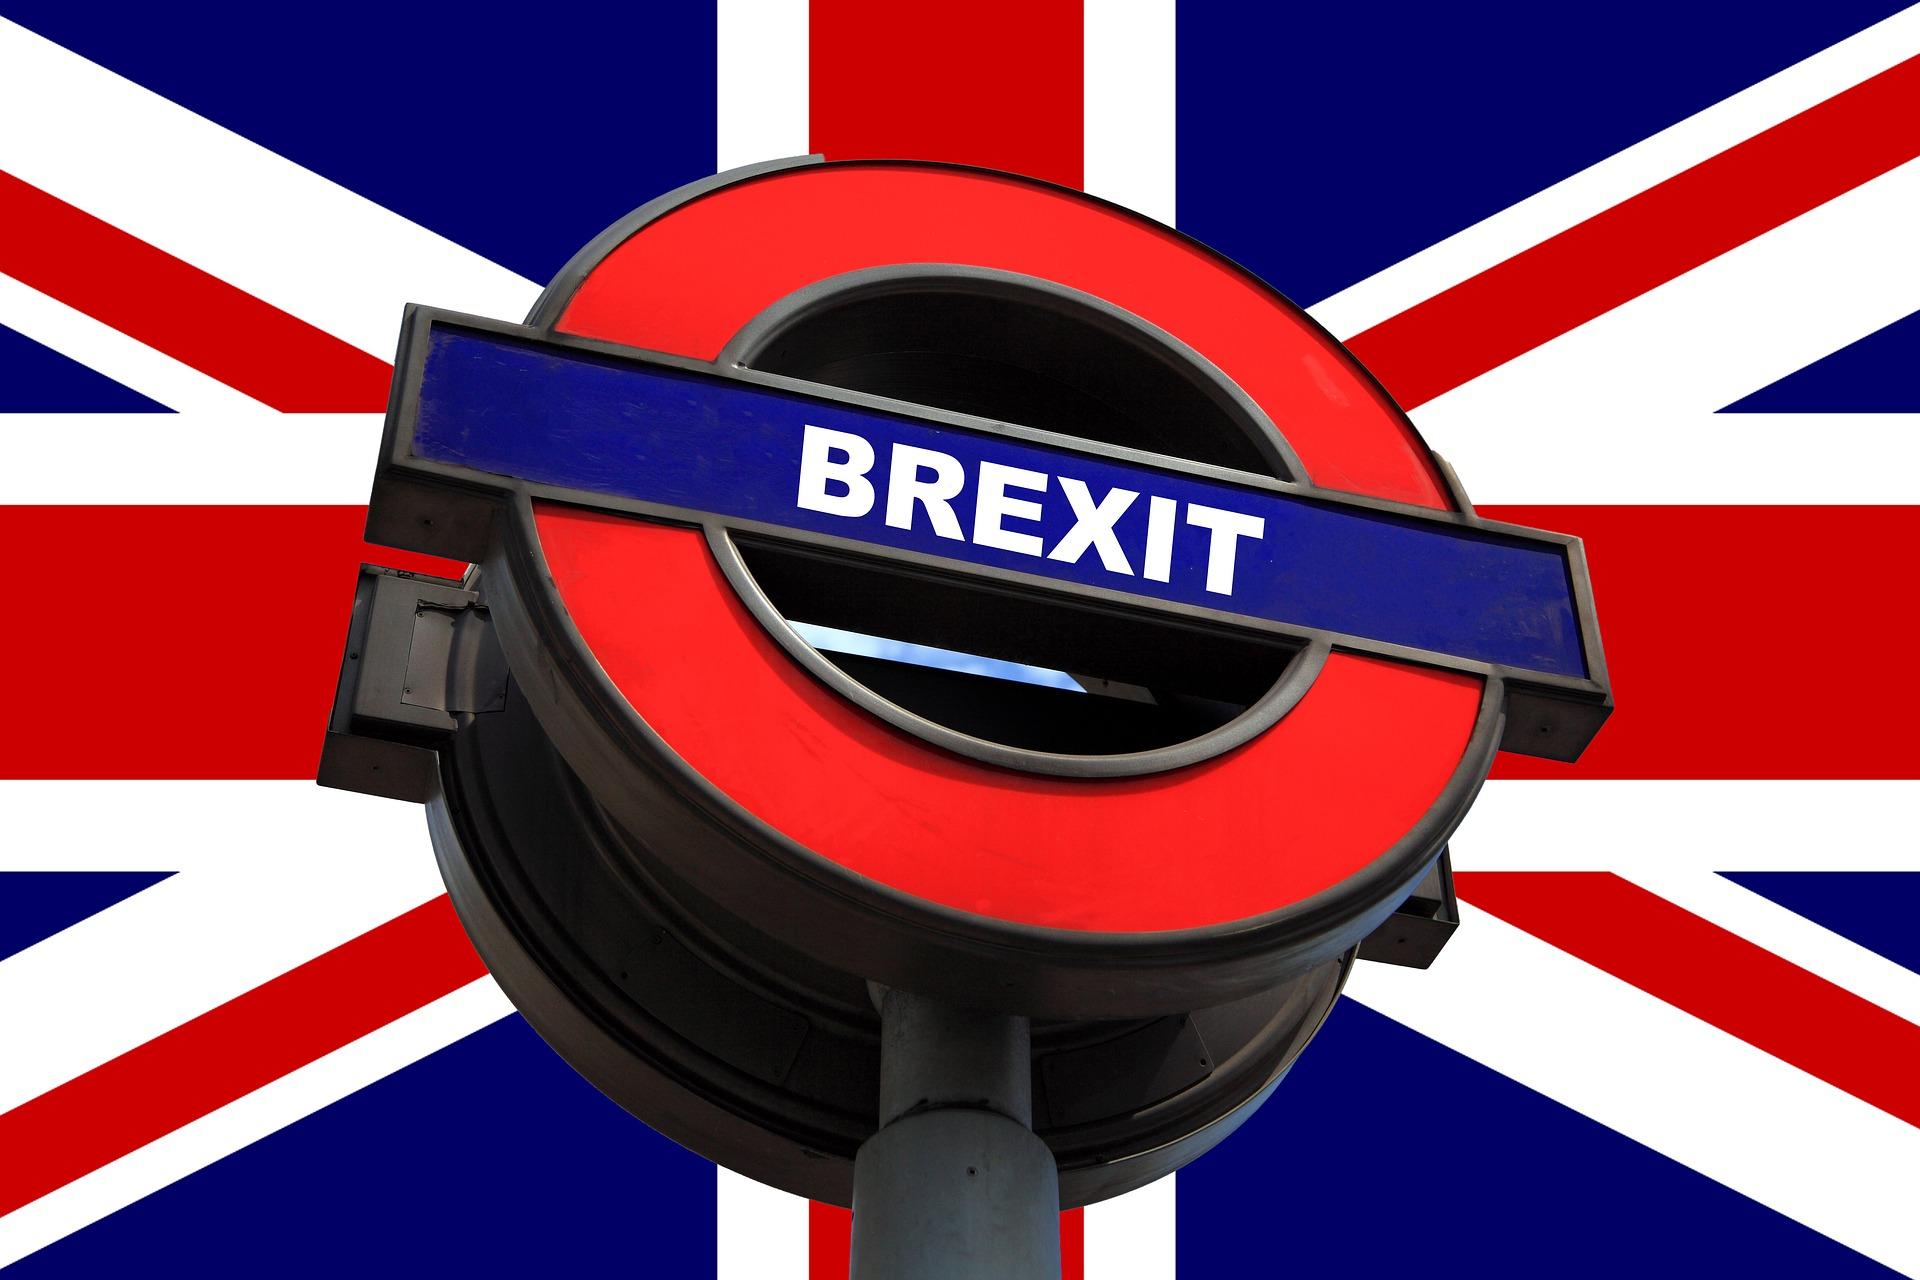 brexit-4129517_1920